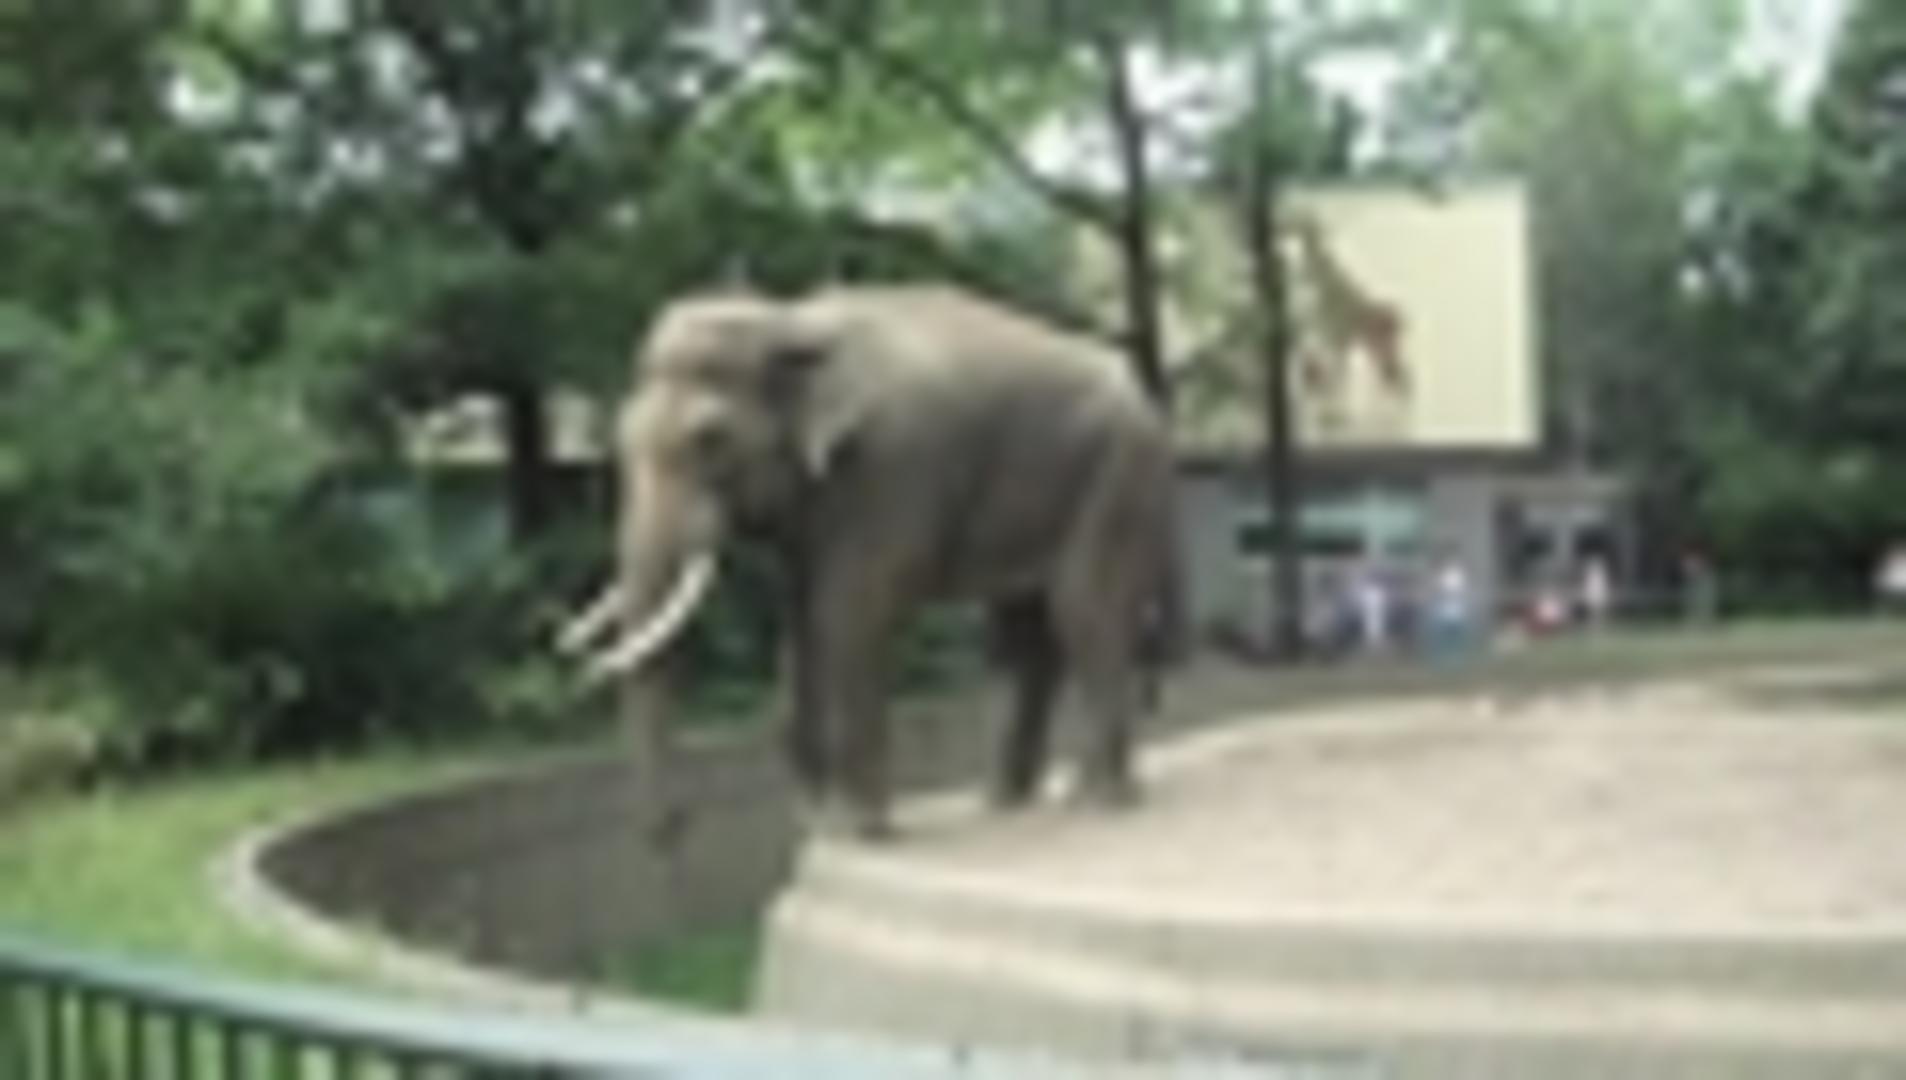 Gorilla Throws Poop At Spectators Jukin Media Inc